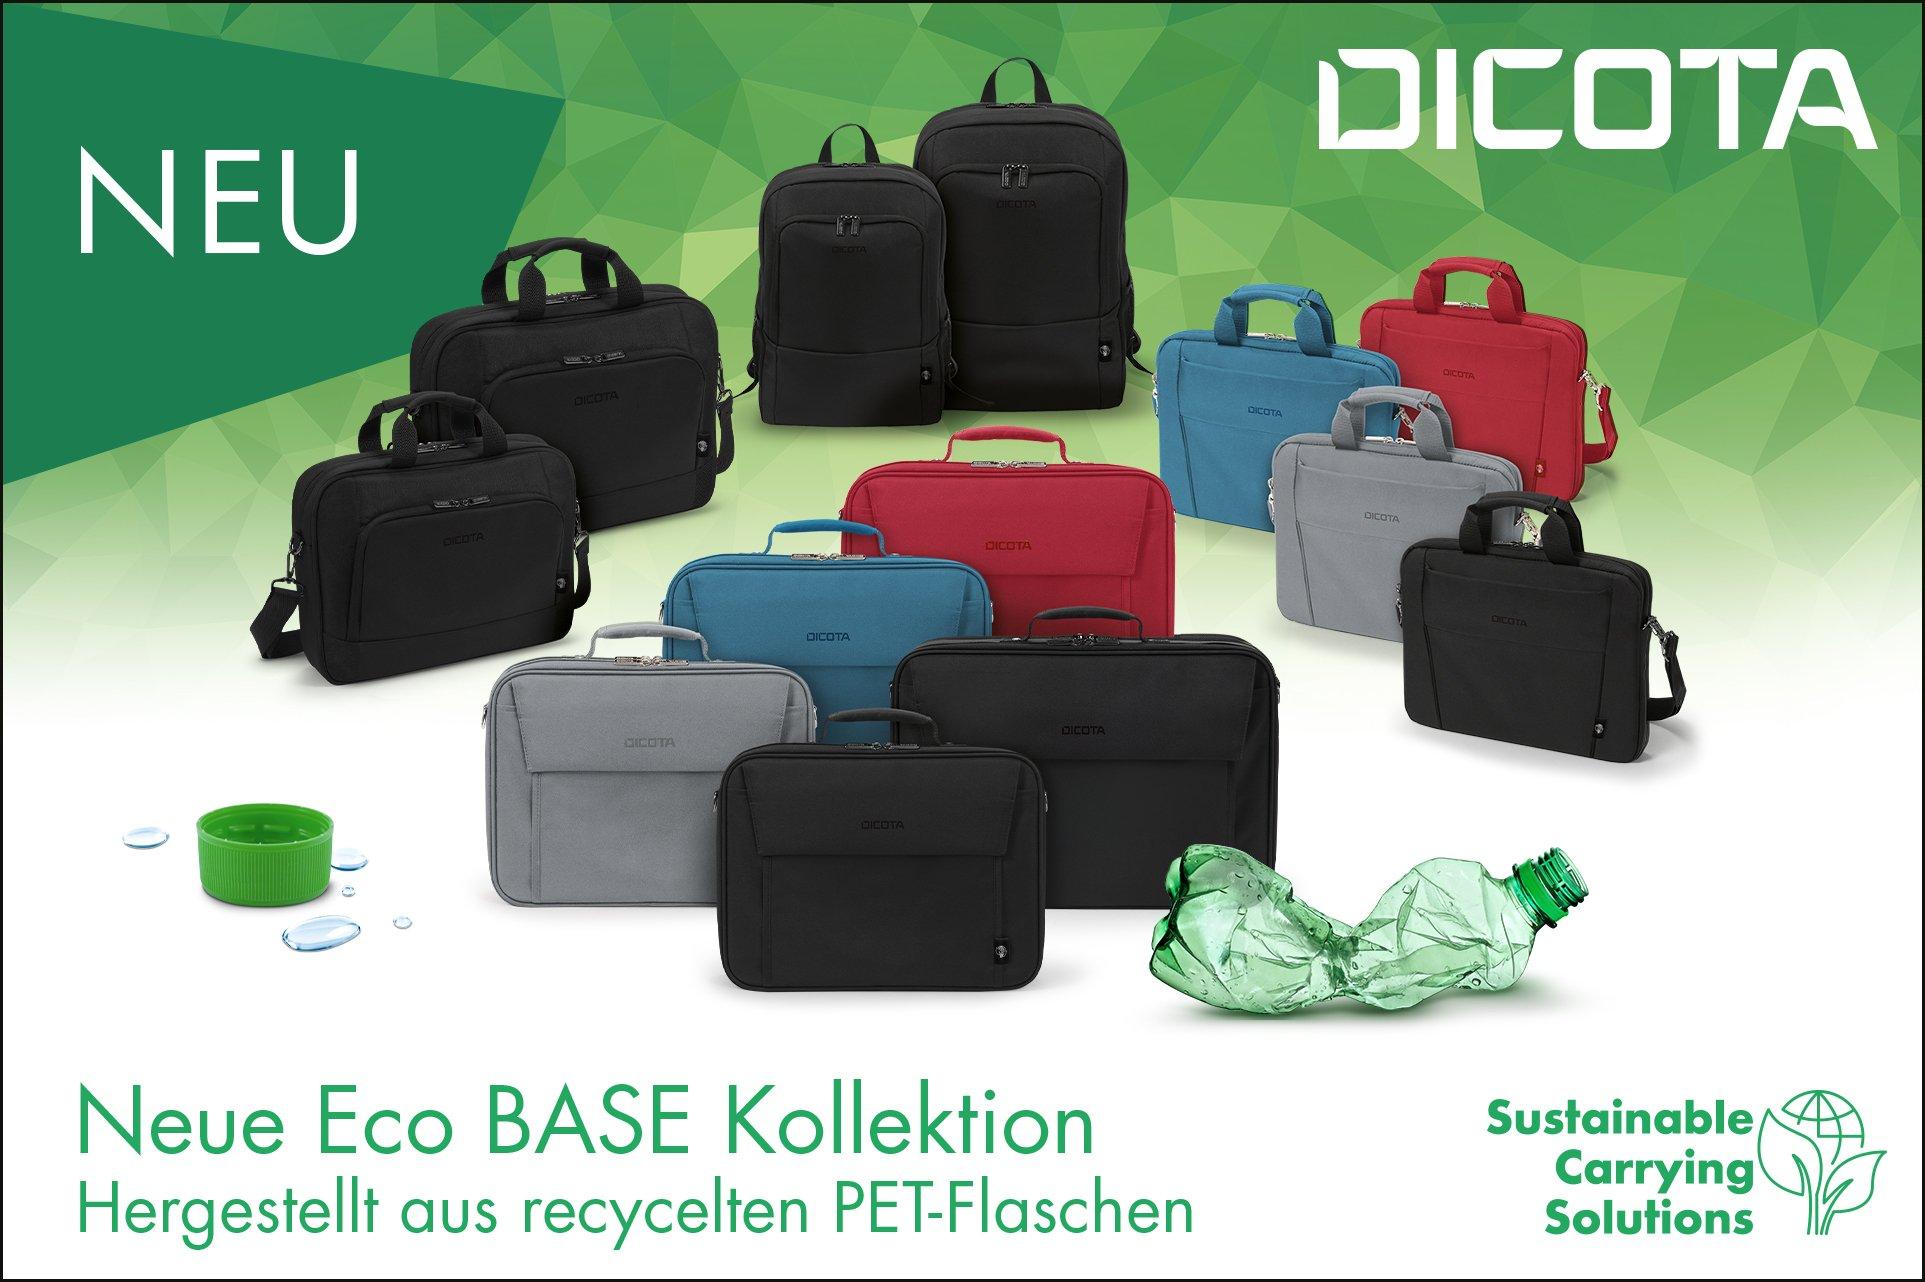 Entdecken Sie die Eco BASE Kollektion